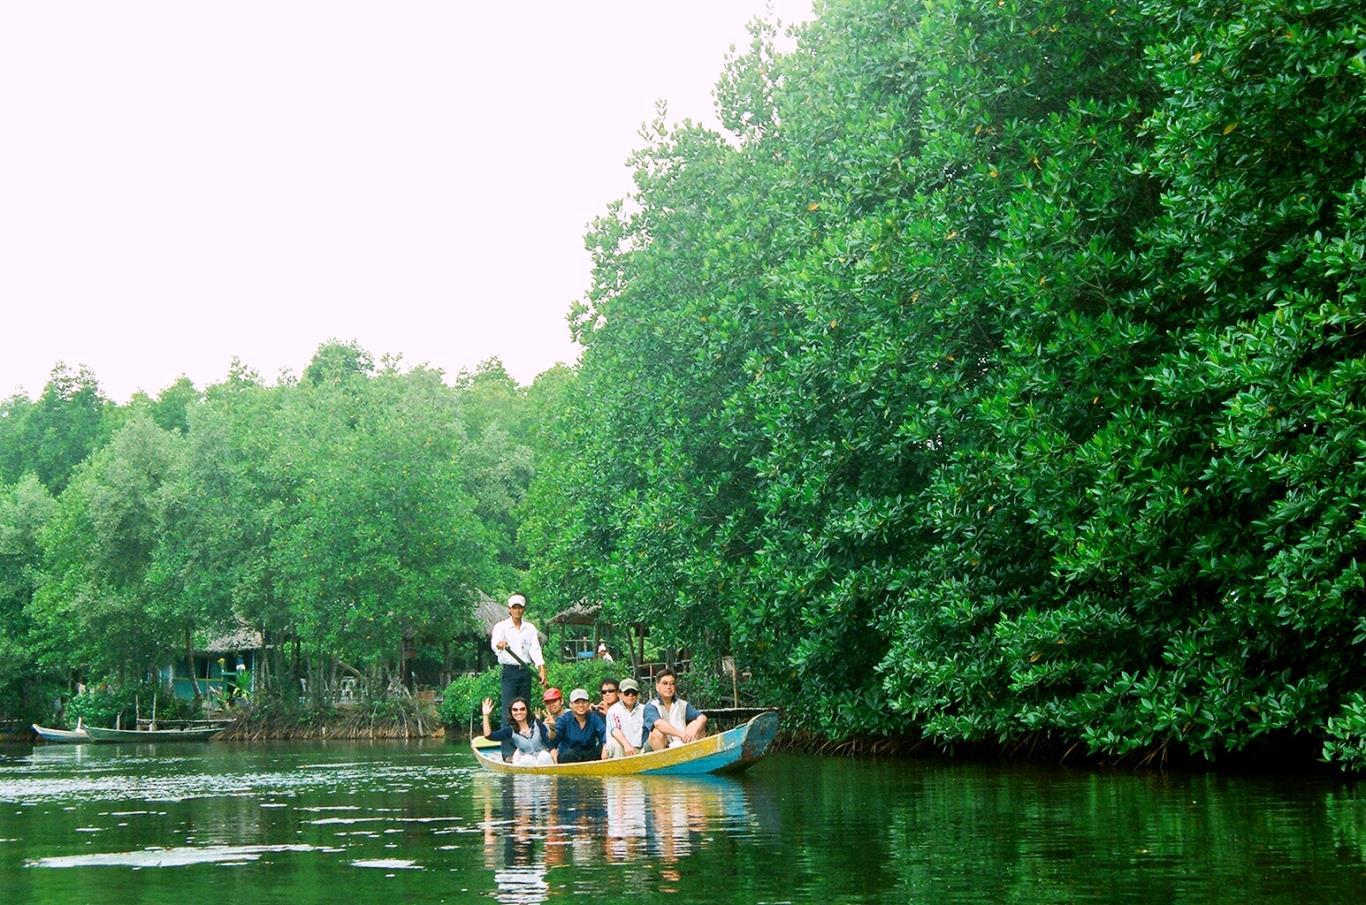 Du lịch nông thôn tại TP.HCM: Nhiều tiềm năng cần được khai phá